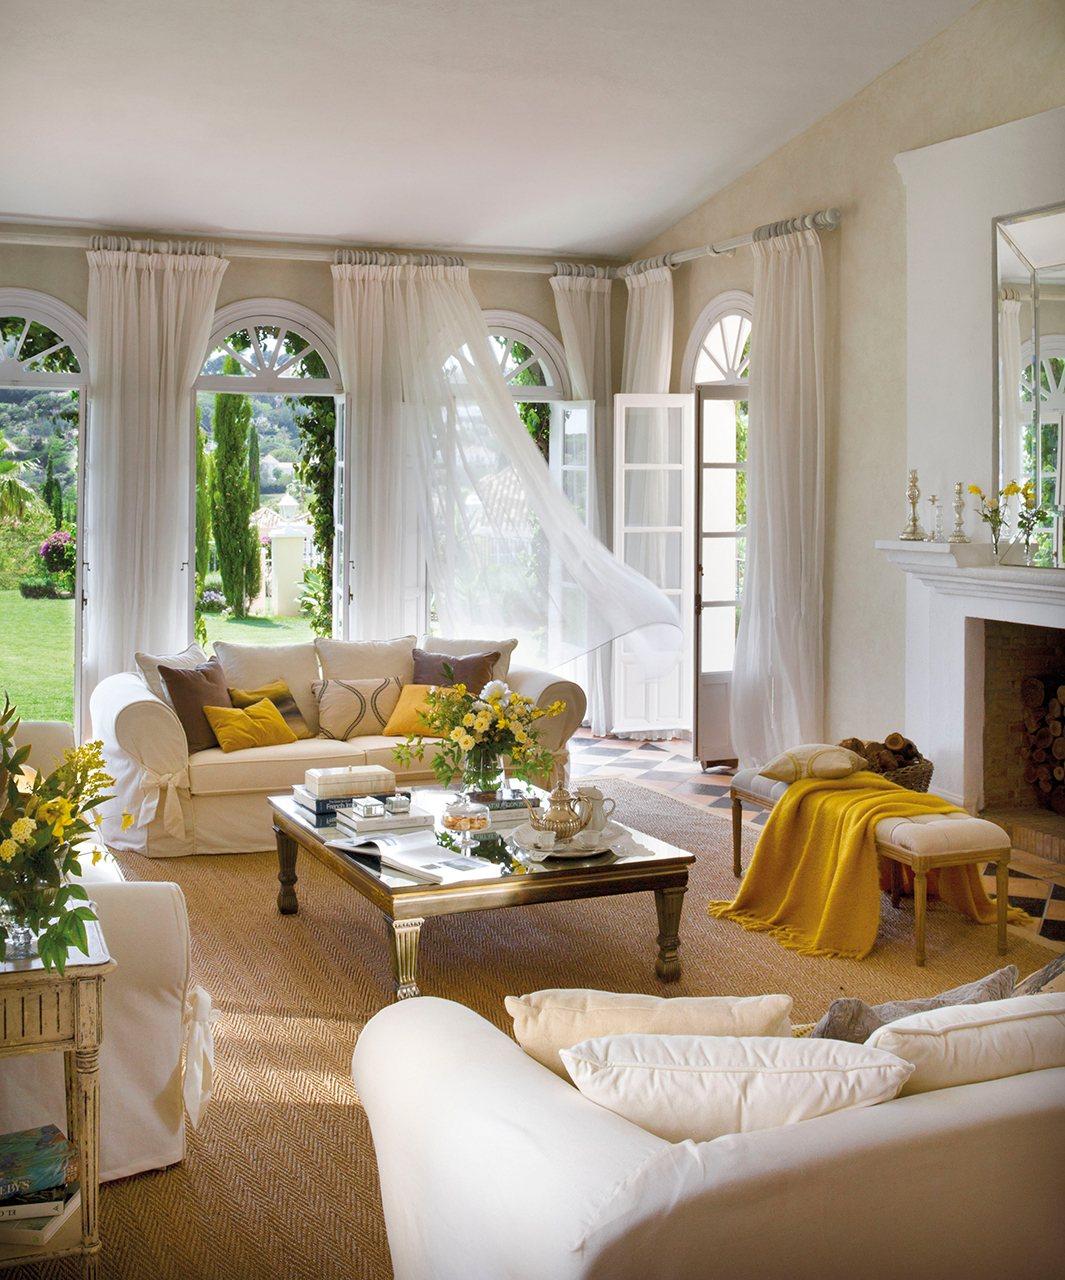 гостиная окна камин диван подушки столик журнальный банкетка